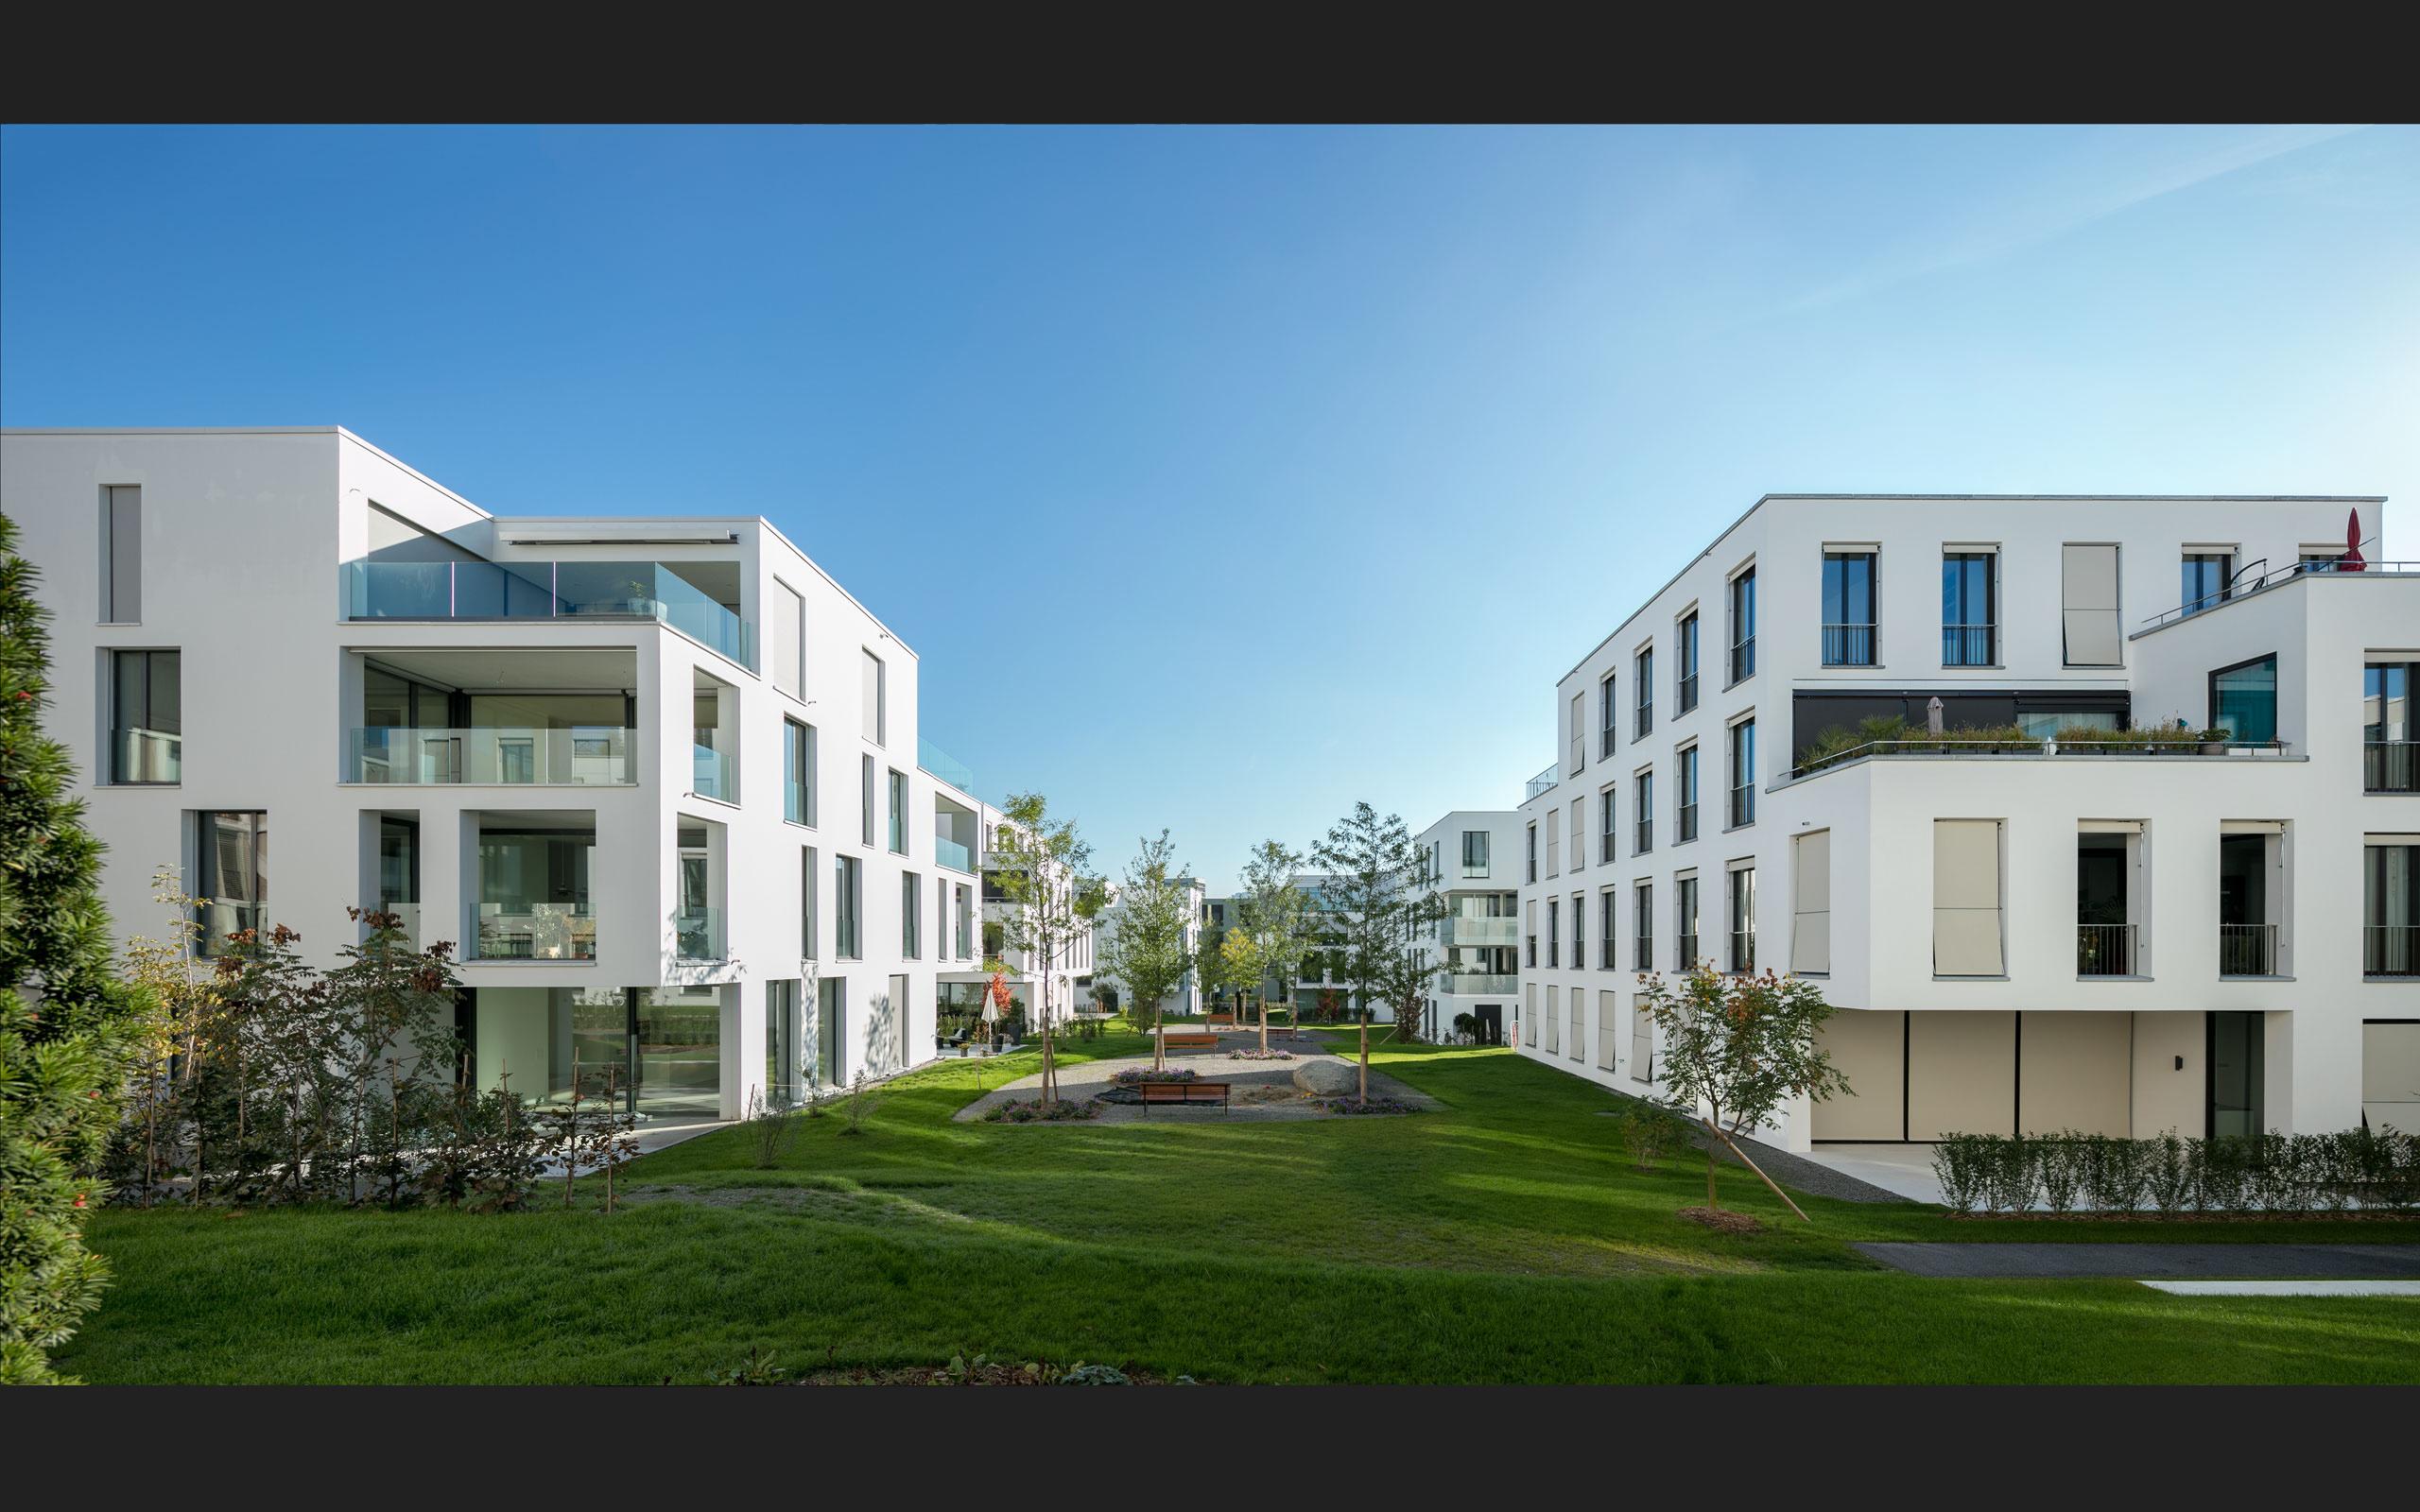 Architektur Jordi + Partner AG, Bern, Schoenberg_Ost_Baufeld_E